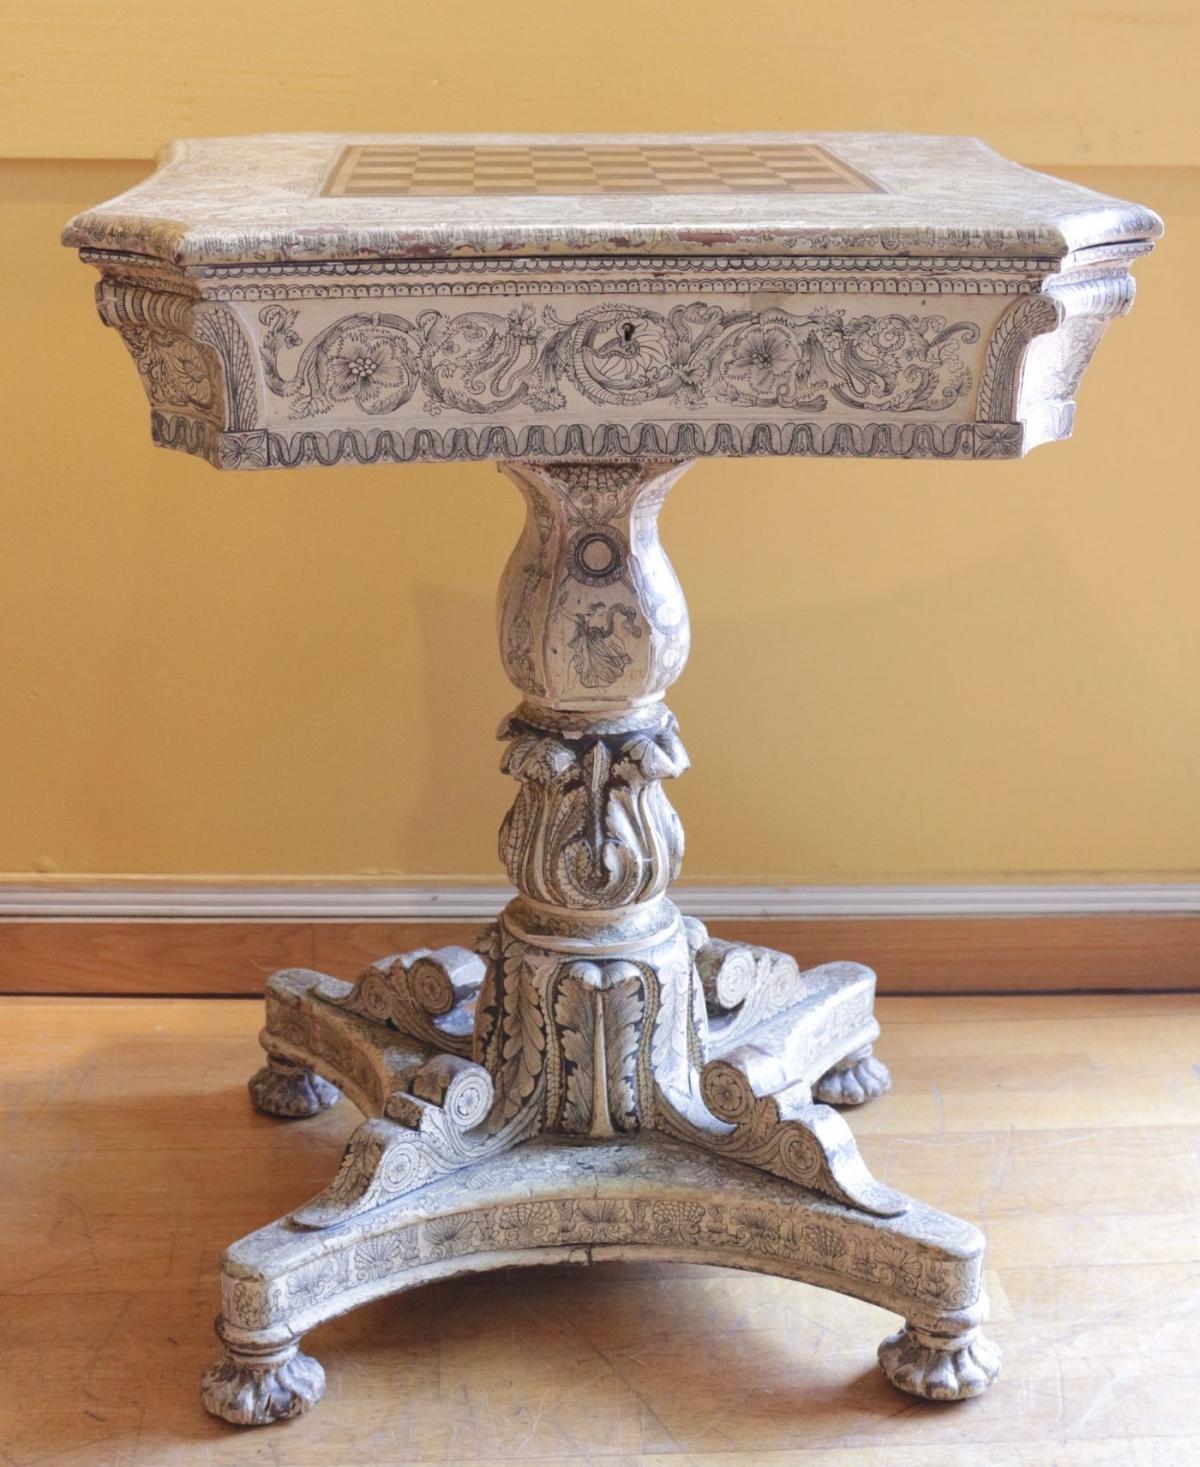 Le Marché Biron - Table à jeux anglaise en bois peint de style Regency